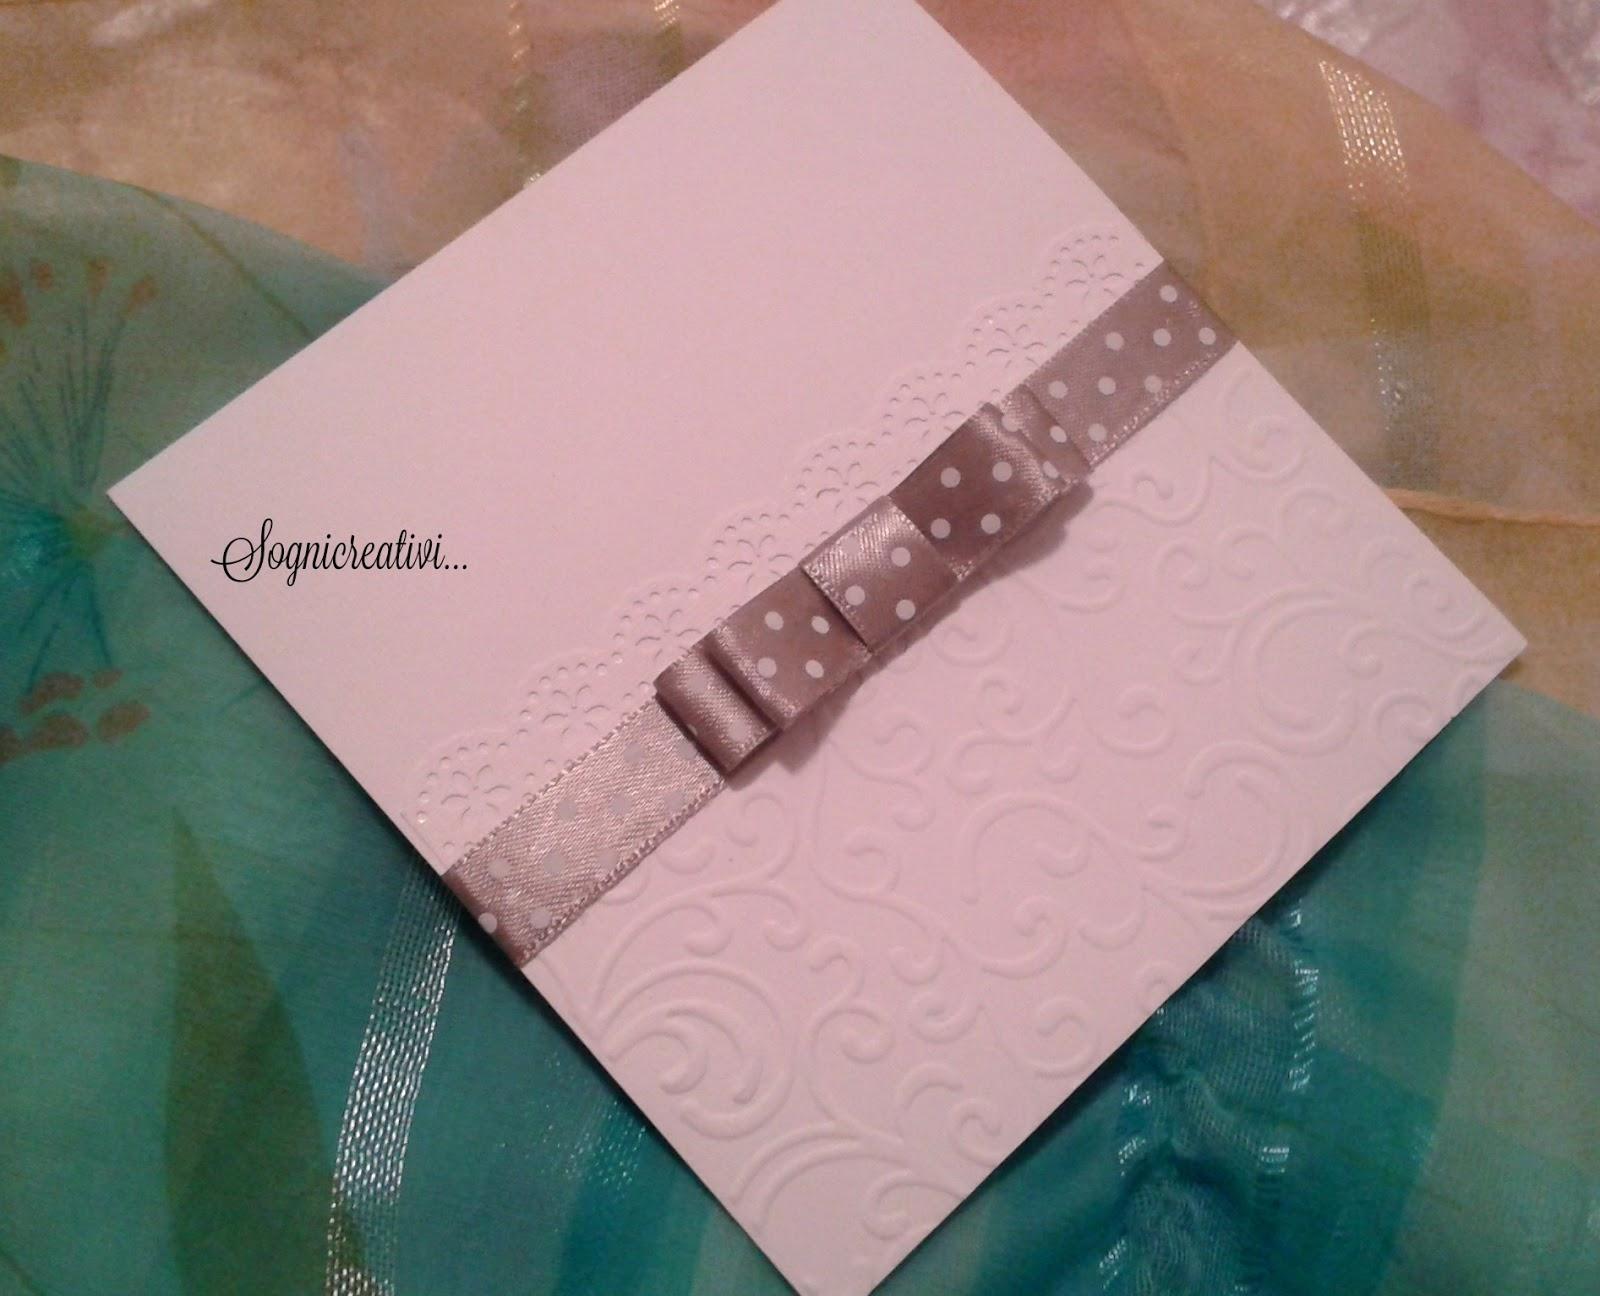 Partecipazioni Matrimonio Azzurro : Partecipazioni sognicreativi wedding and events